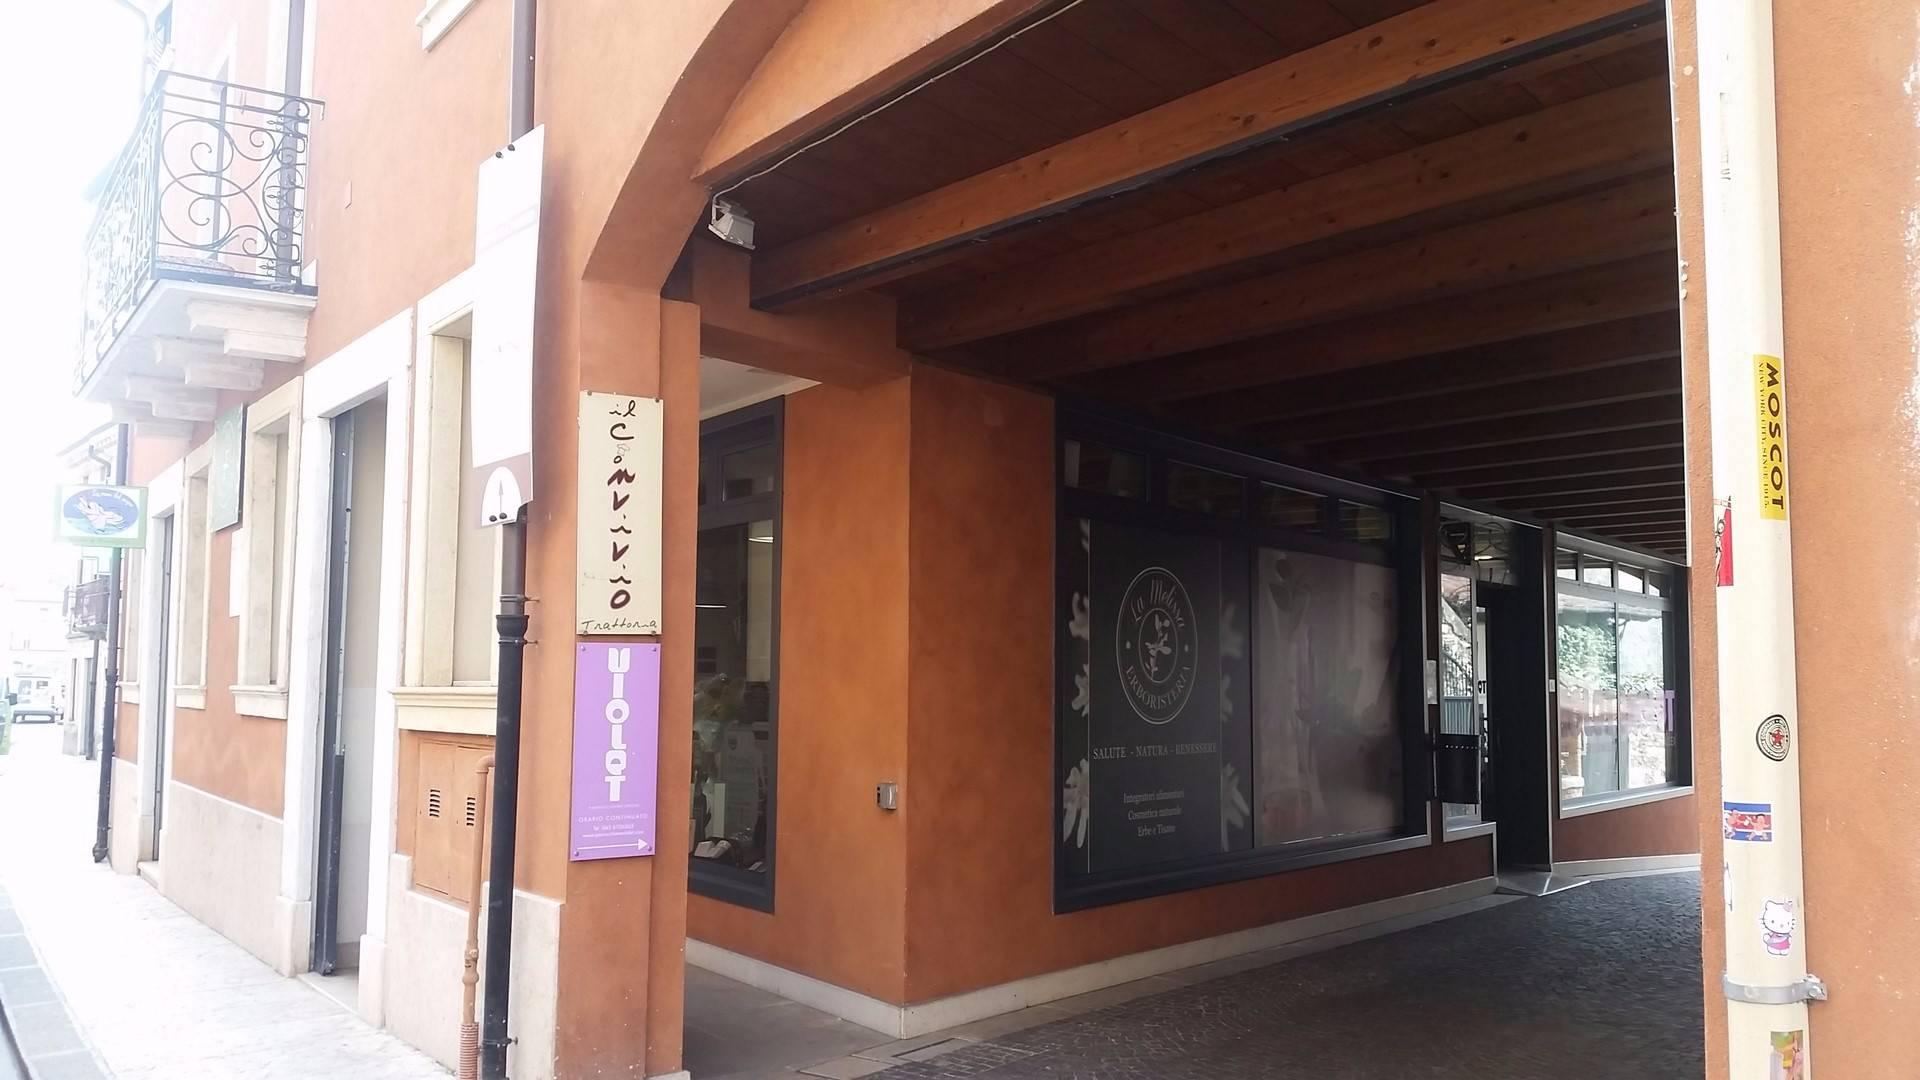 Negozio / Locale in affitto a Monteforte d'Alpone, 9999 locali, prezzo € 500 | CambioCasa.it